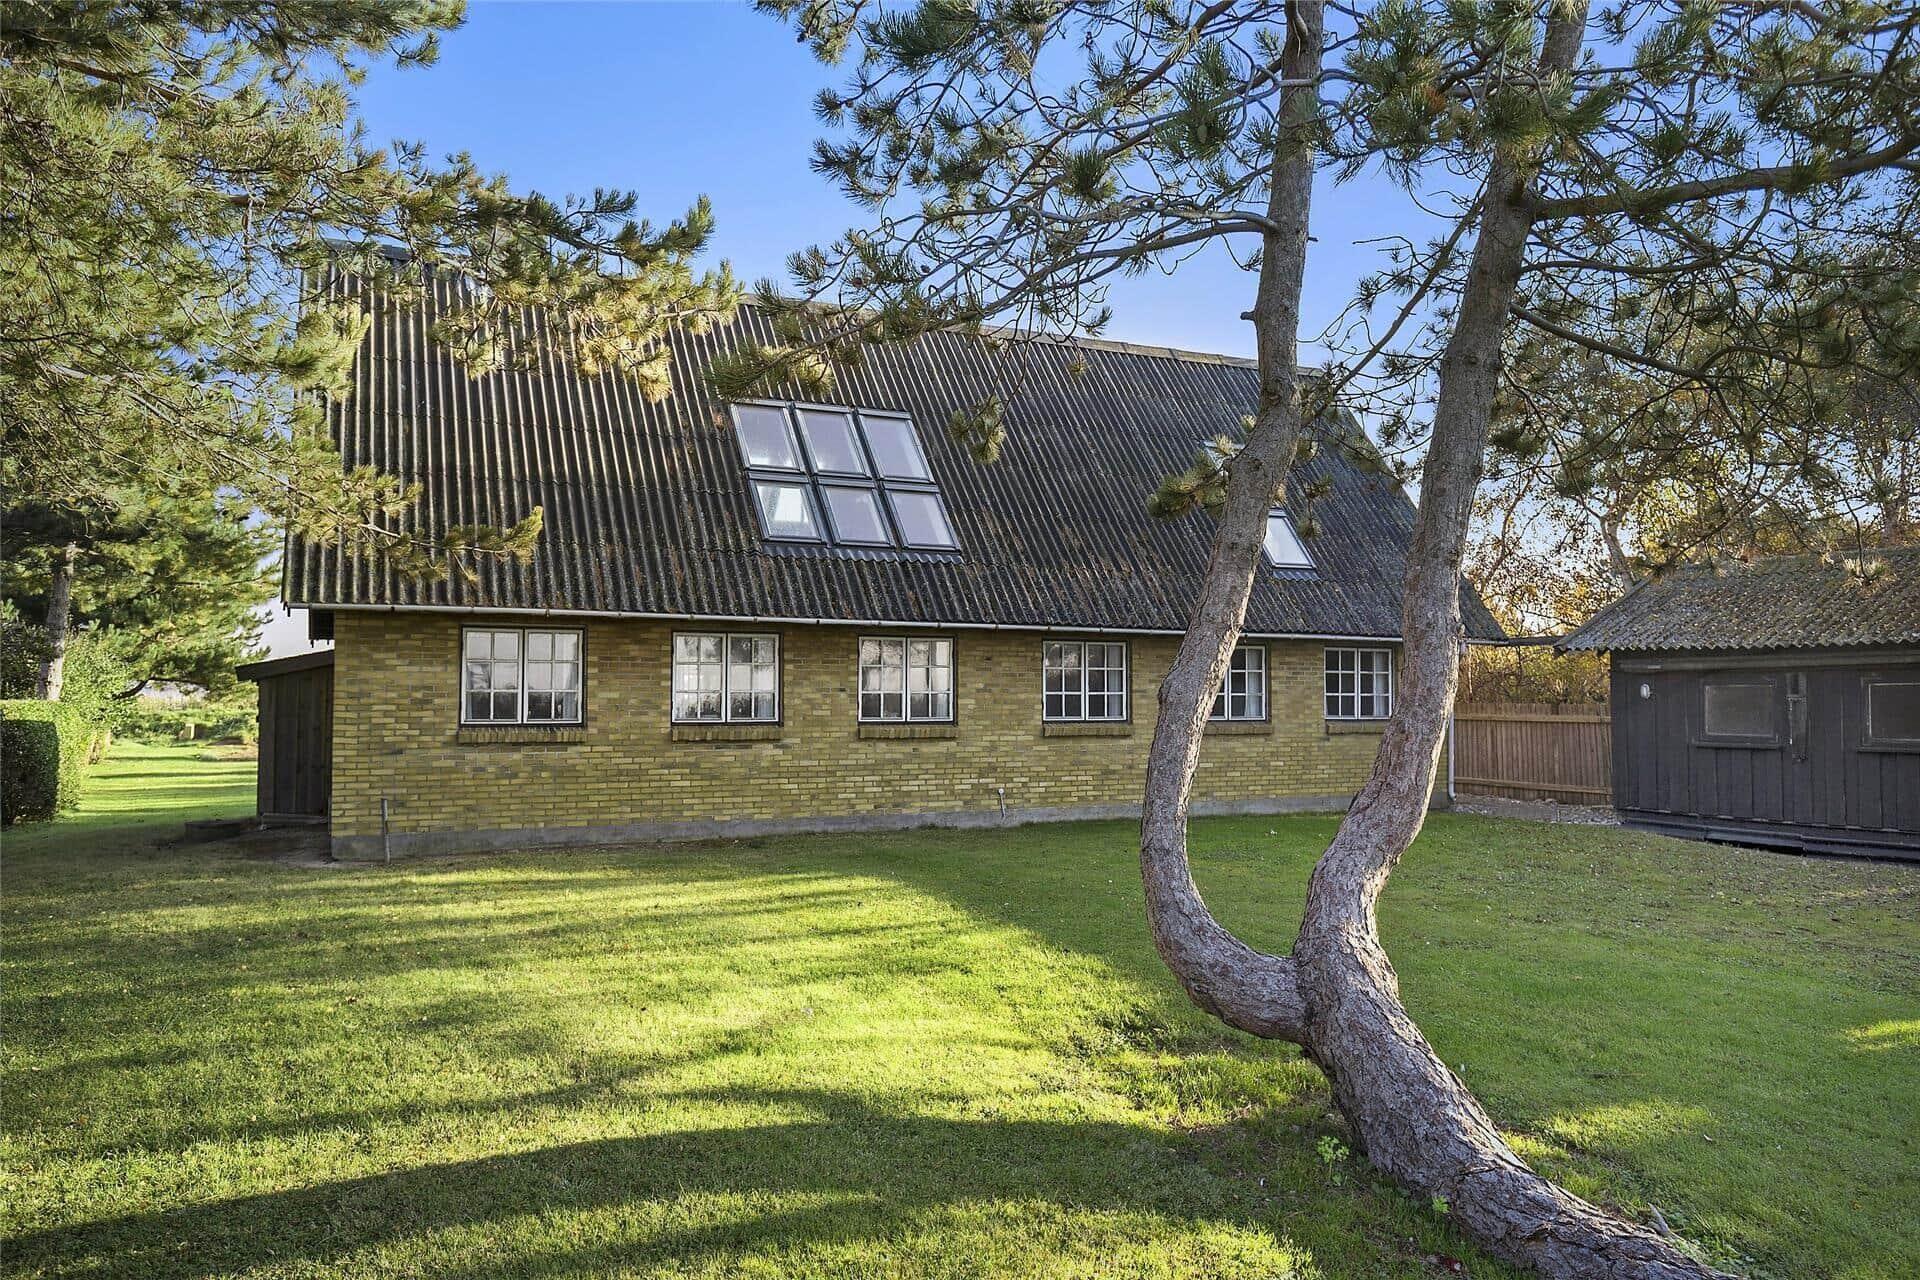 Image 1-6 Holiday-home N254, Enø Kystvej 209, DK - 4736 Karrebæksminde